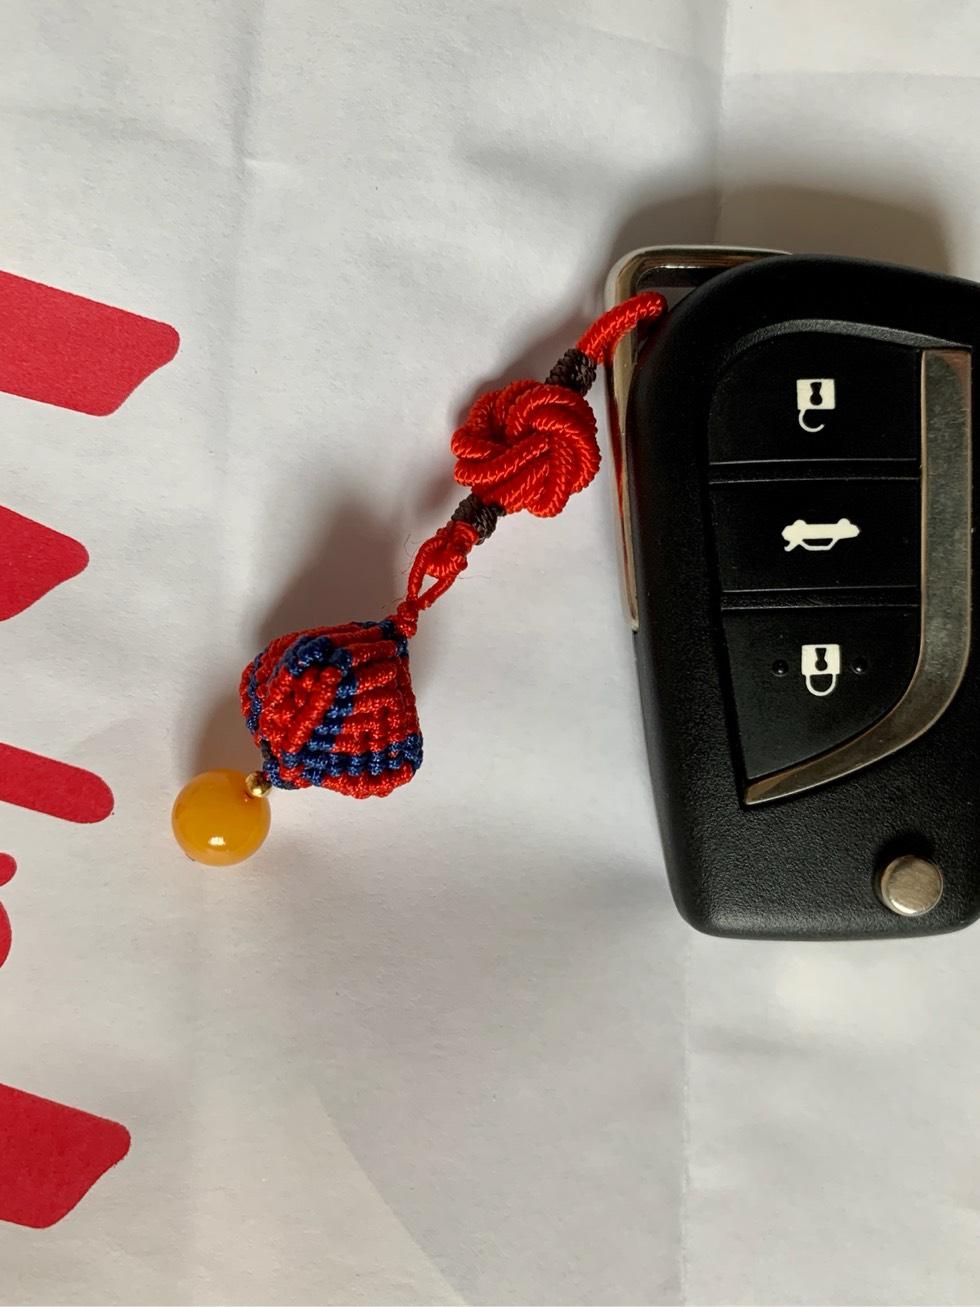 中国结论坛 做了一小钥匙挂件 钥匙小挂件编织教程,纯铜小葫芦钥匙挂件 作品展示 065556hbq3gwnw21mvme3m